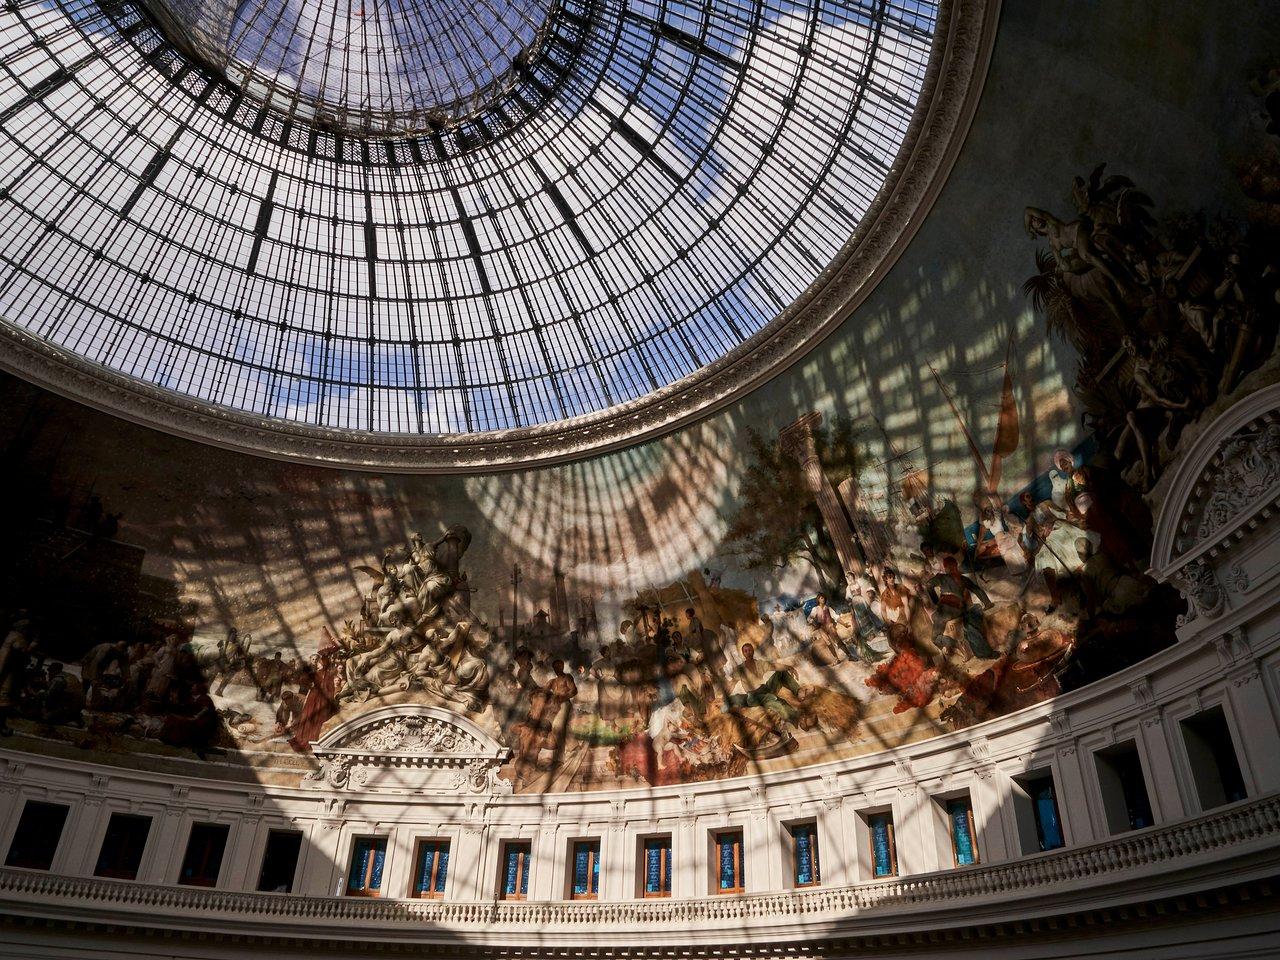 Bourse De Commerce (Paris) - 2020 All You Need To Know ... à Piscine Square Du Luxembourg